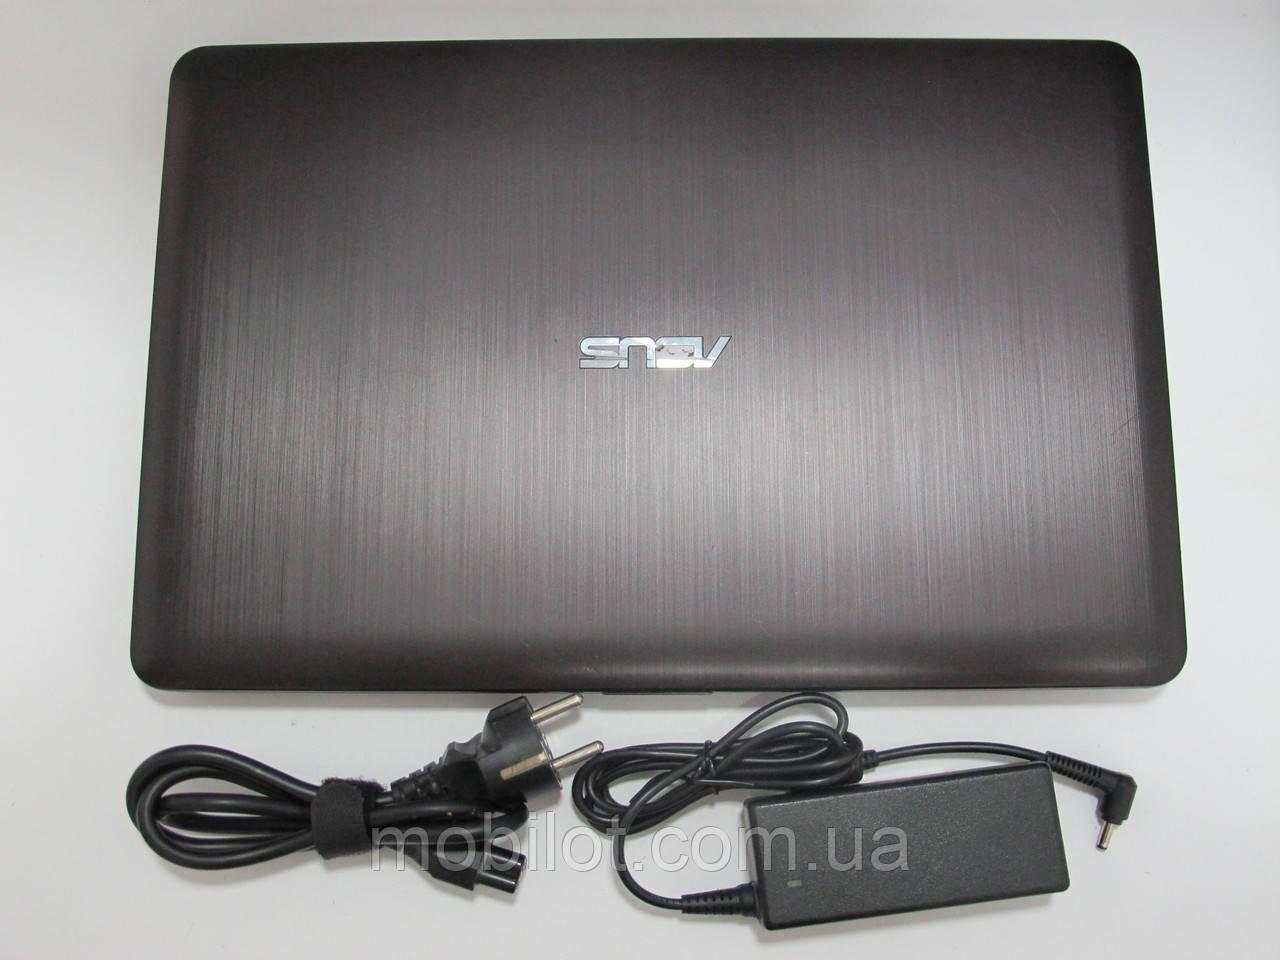 Ноутбук Asus X540LJ (X540LJ-XX005D) Chocolate Black (NR-7010)